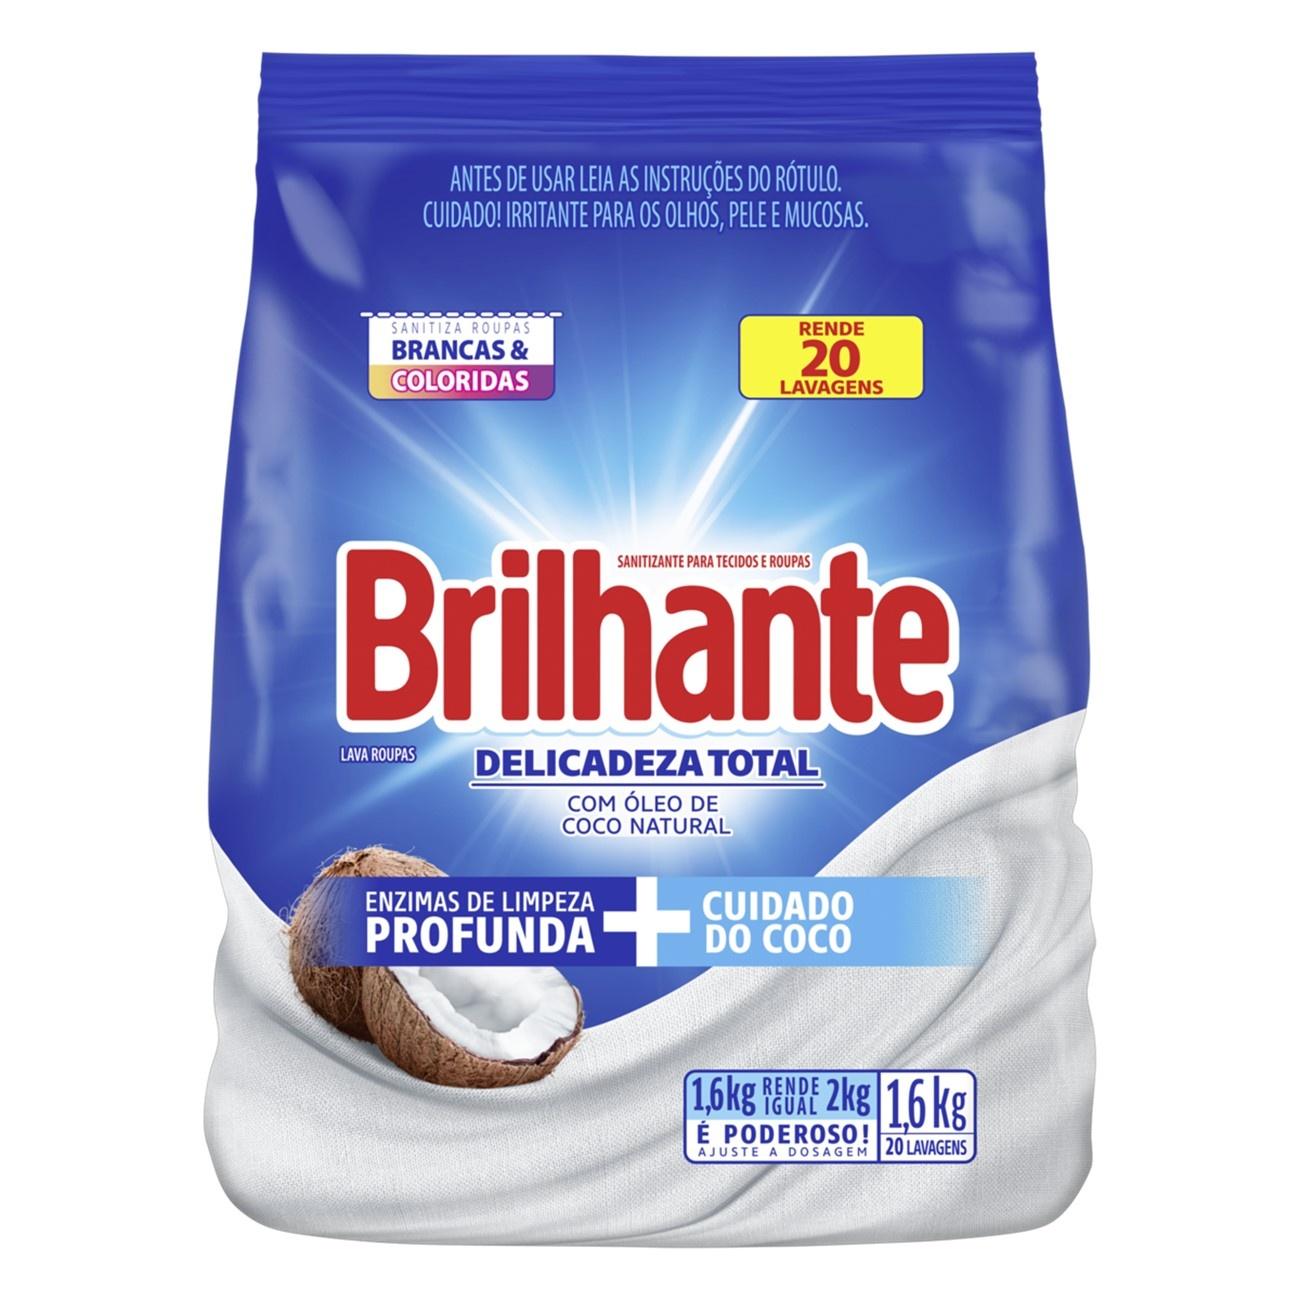 BRILHANTE PO DELICA TOT C/COCO  1.6KG(7)